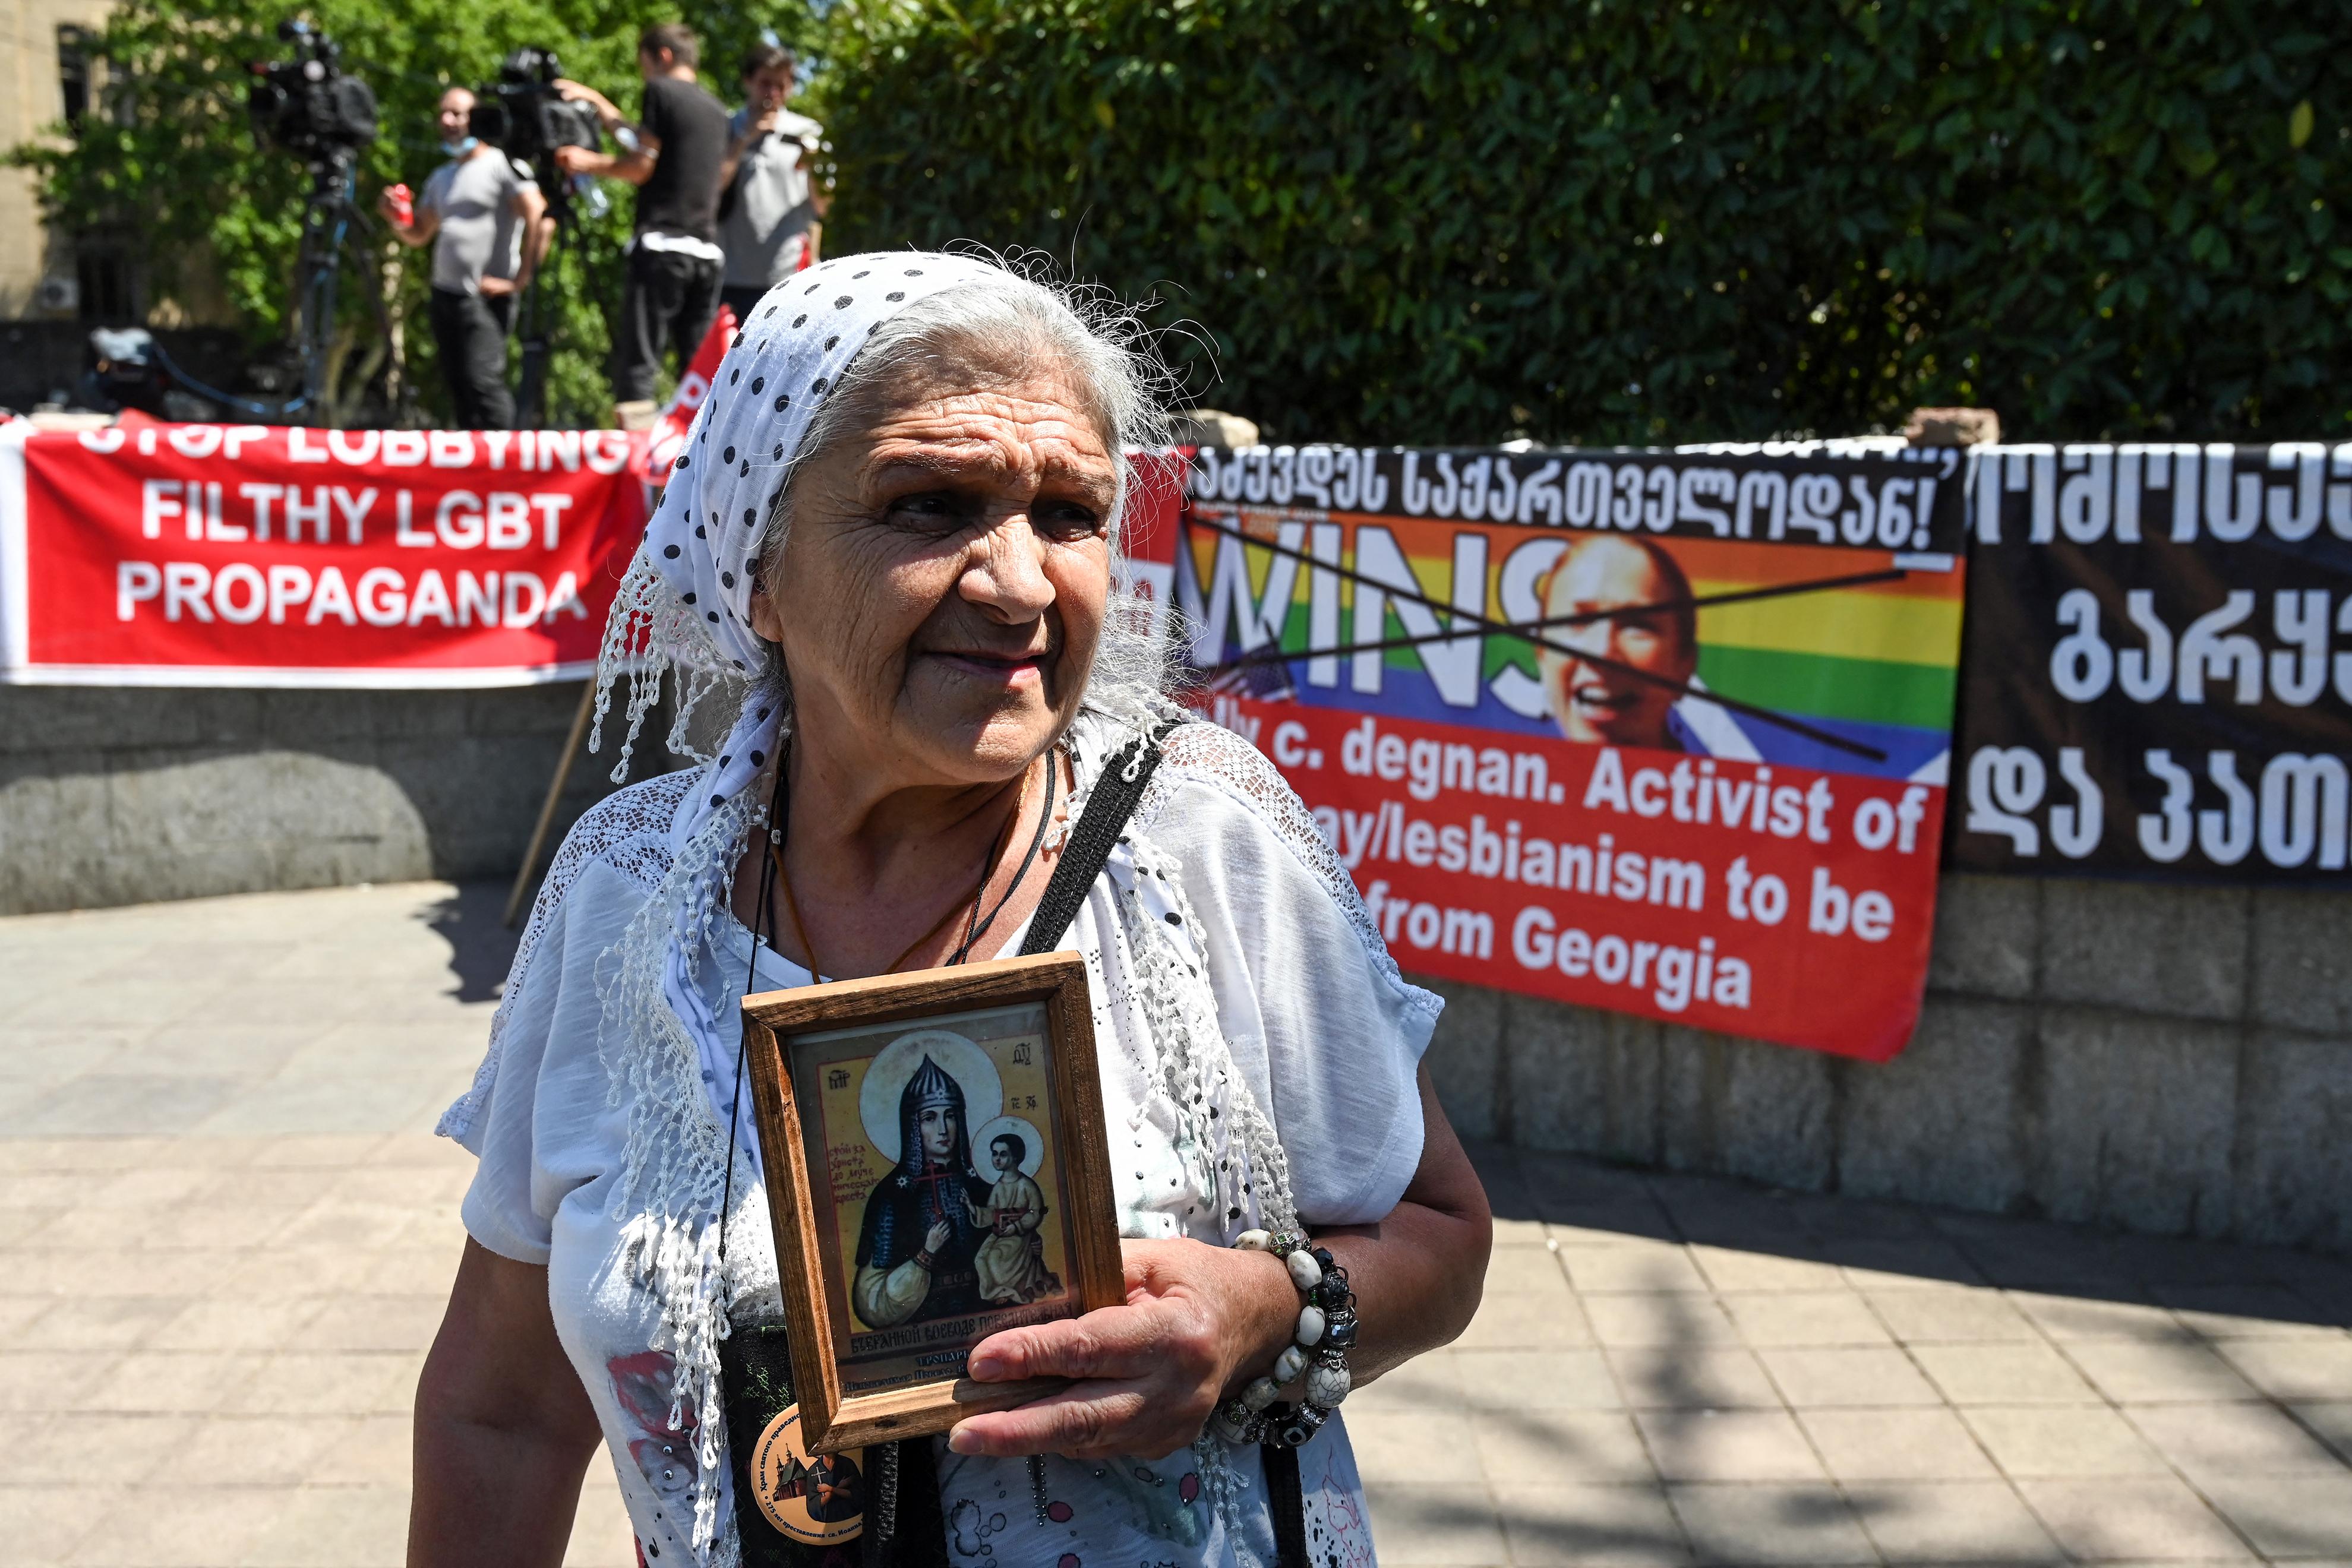 Lefújták a Pride-ot Tbilisziben, miután szétverték a szervezők irodáját